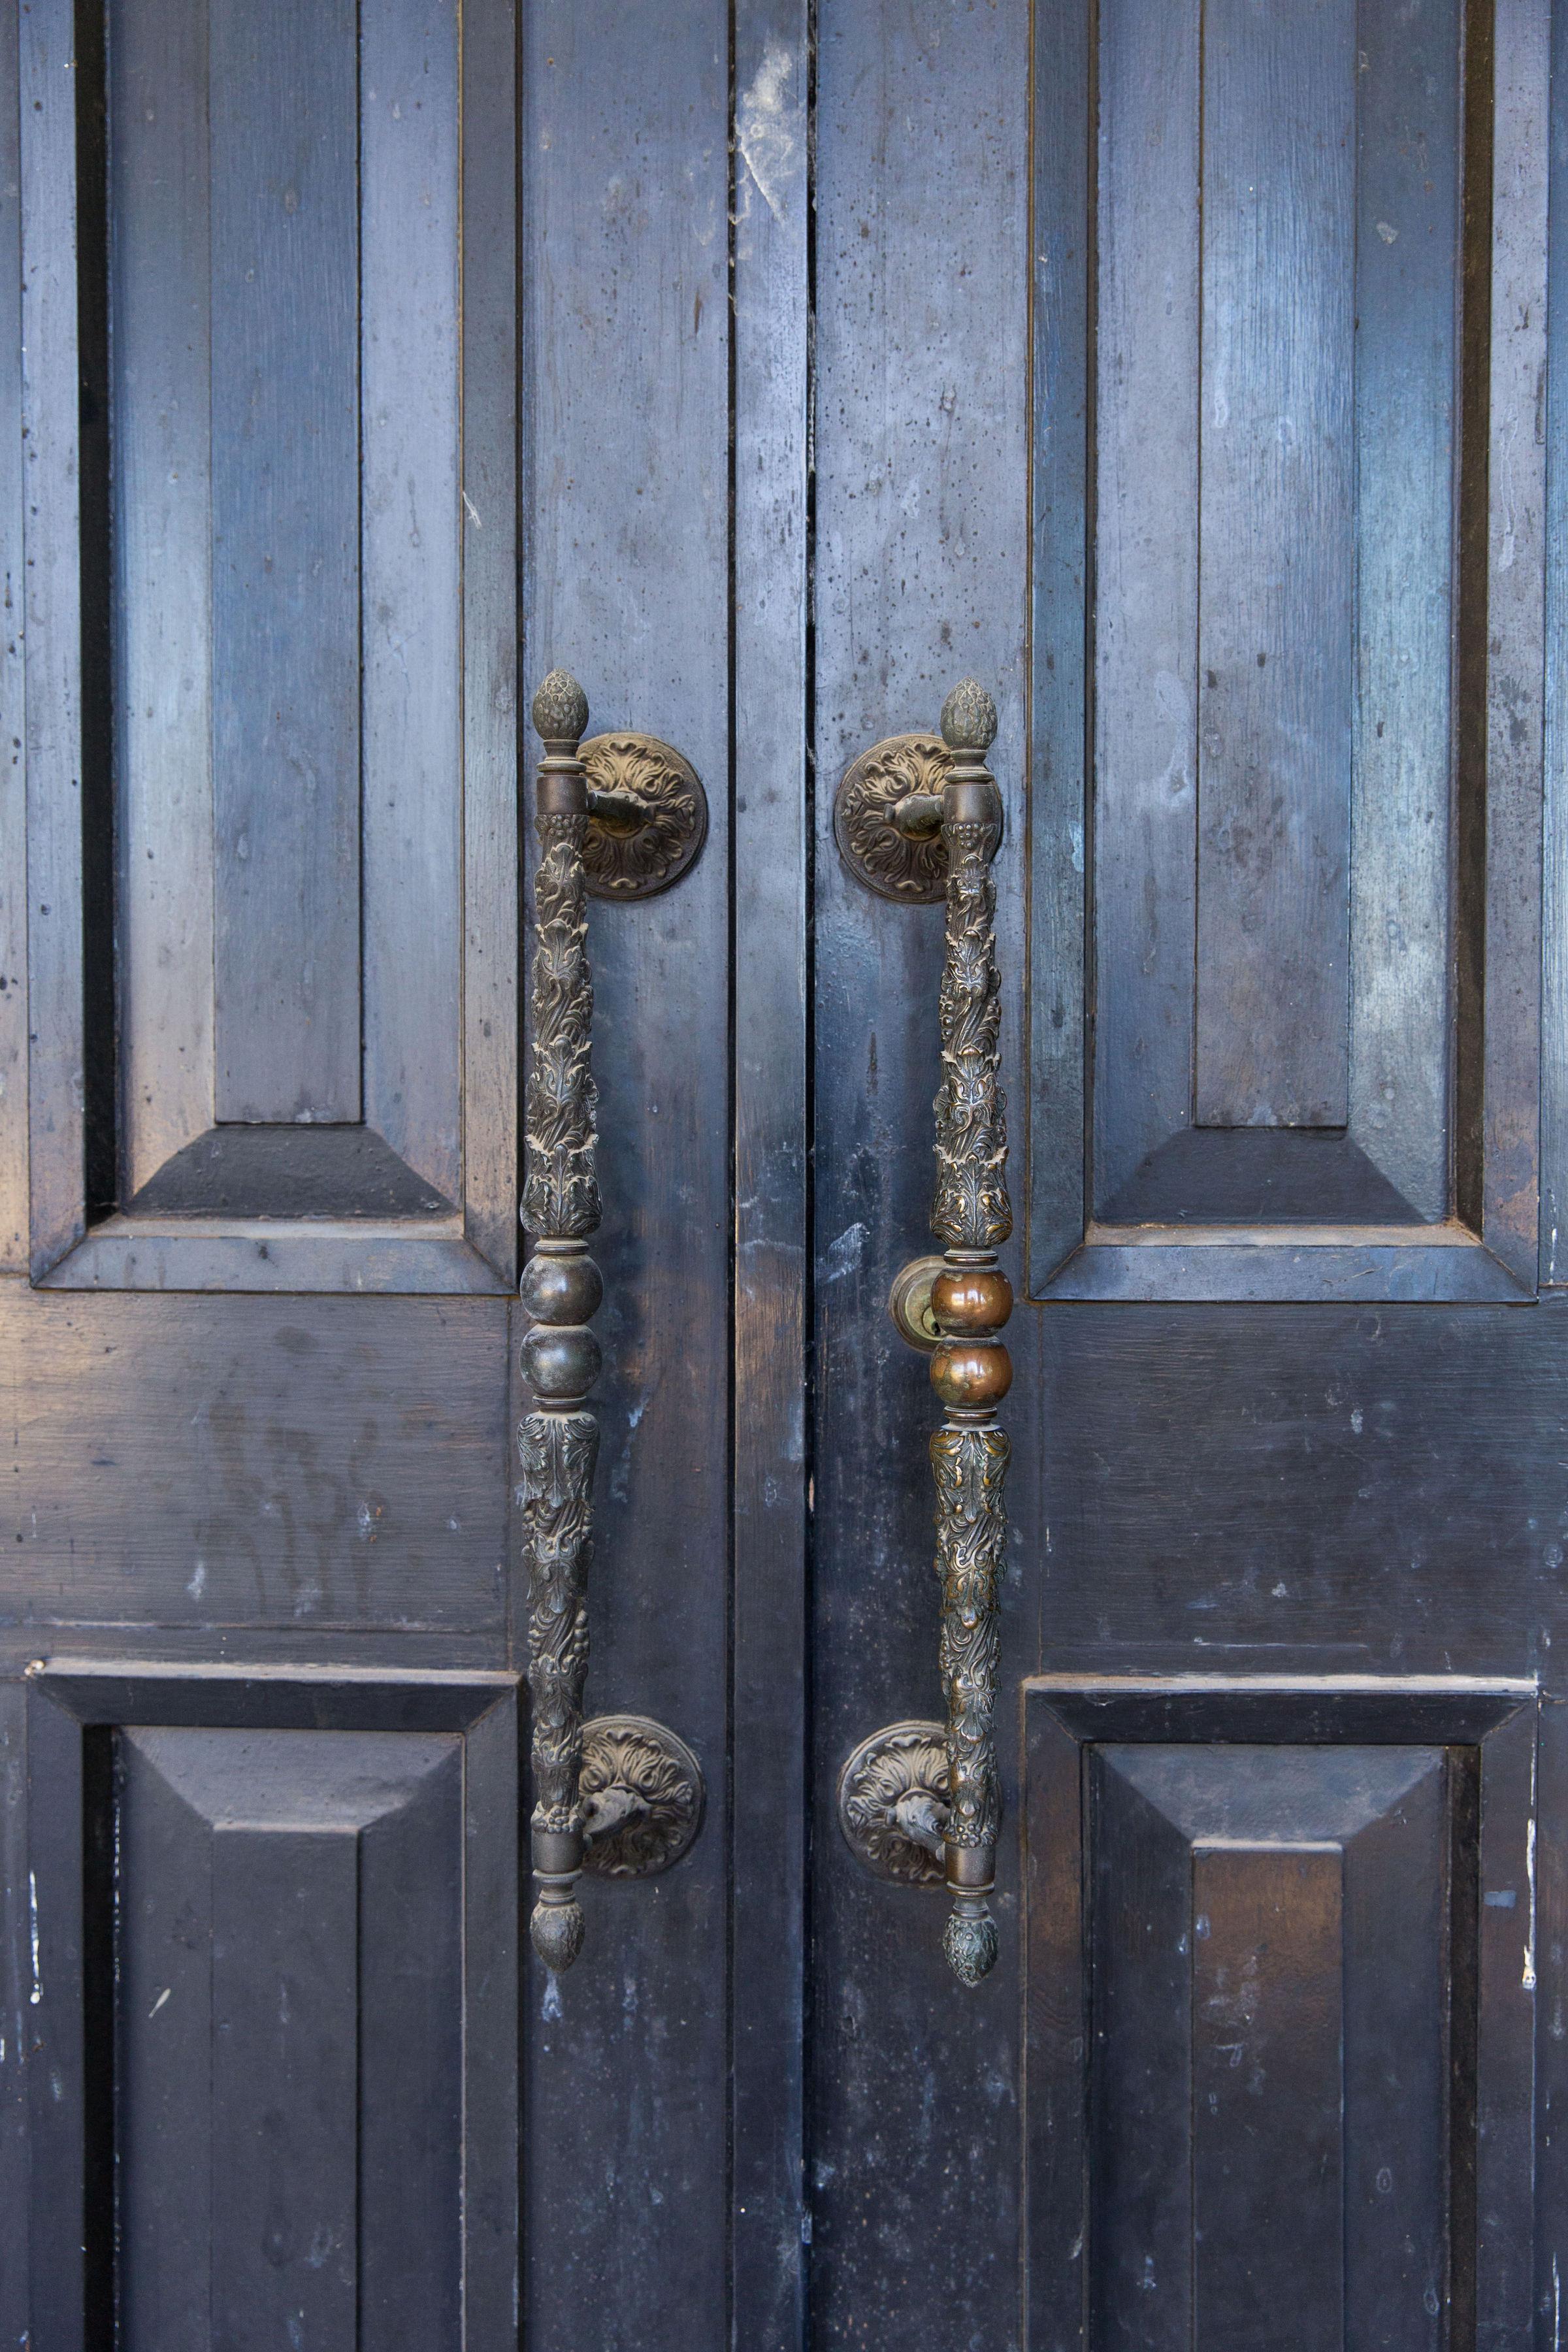 1960'S ORIGINAL FRONT DOOR